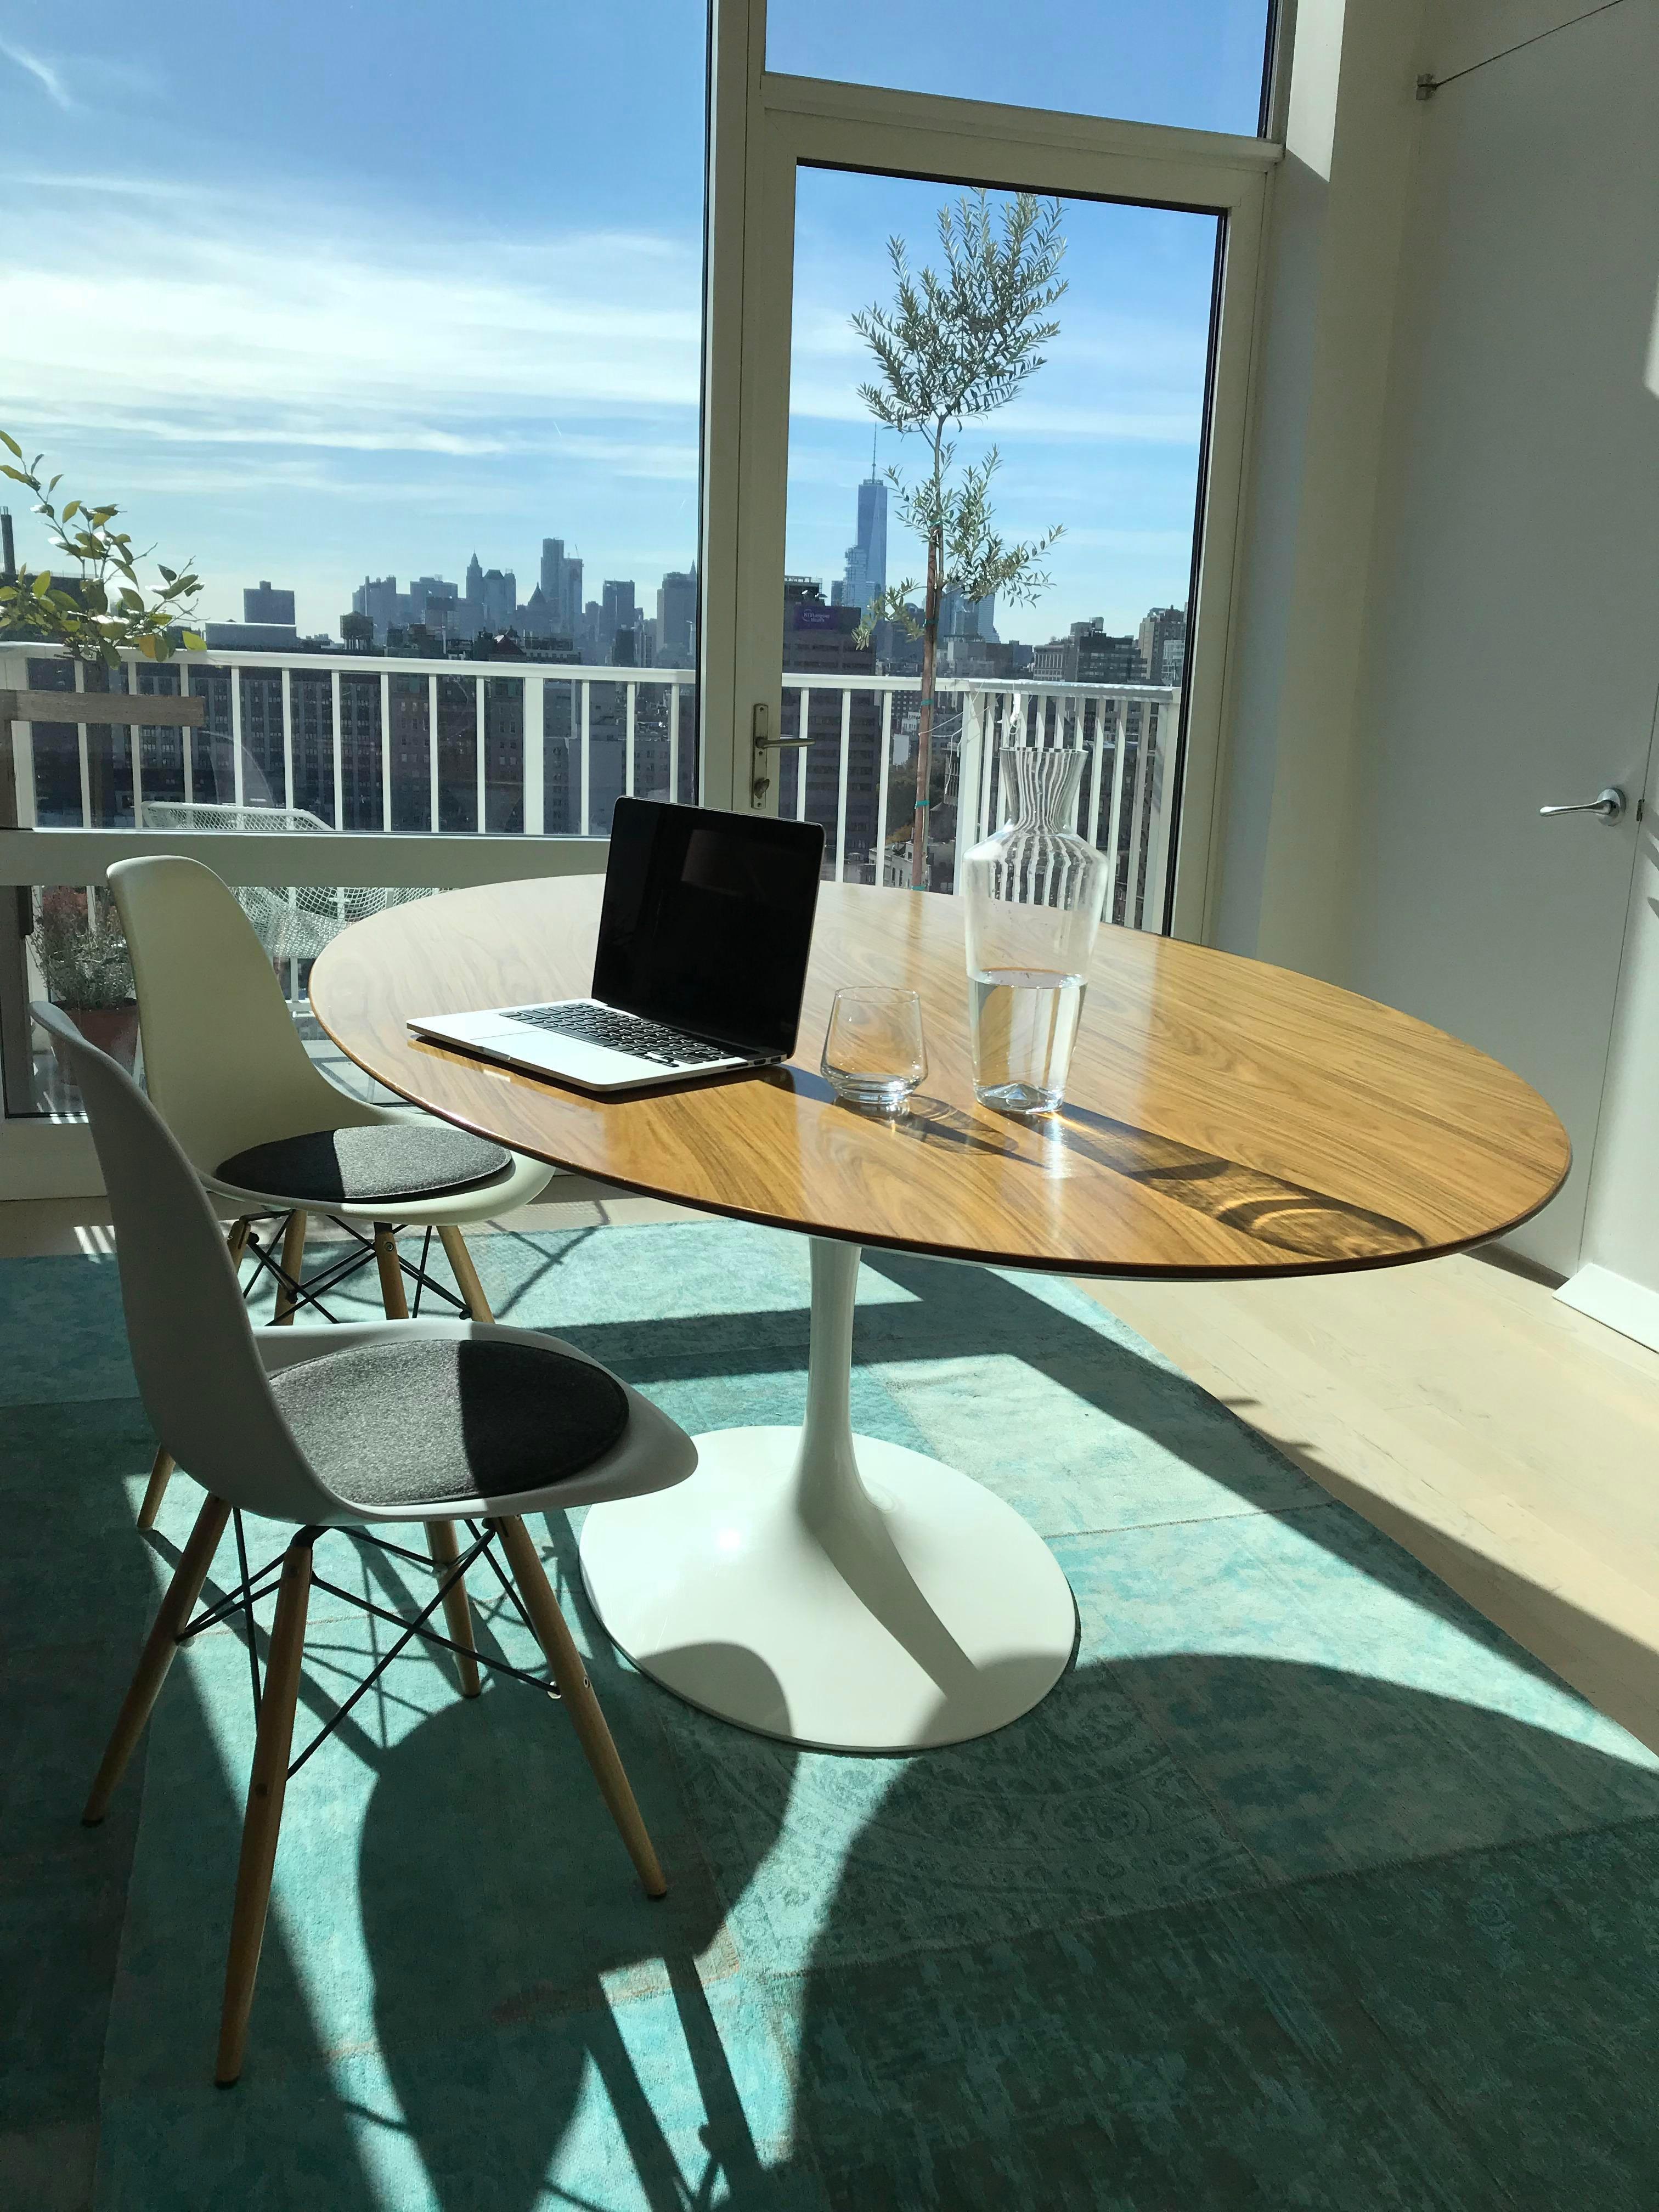 Saarinen Oval Table Knoll Saarinen Dining Table Oval - Saarinen oval dining table 78